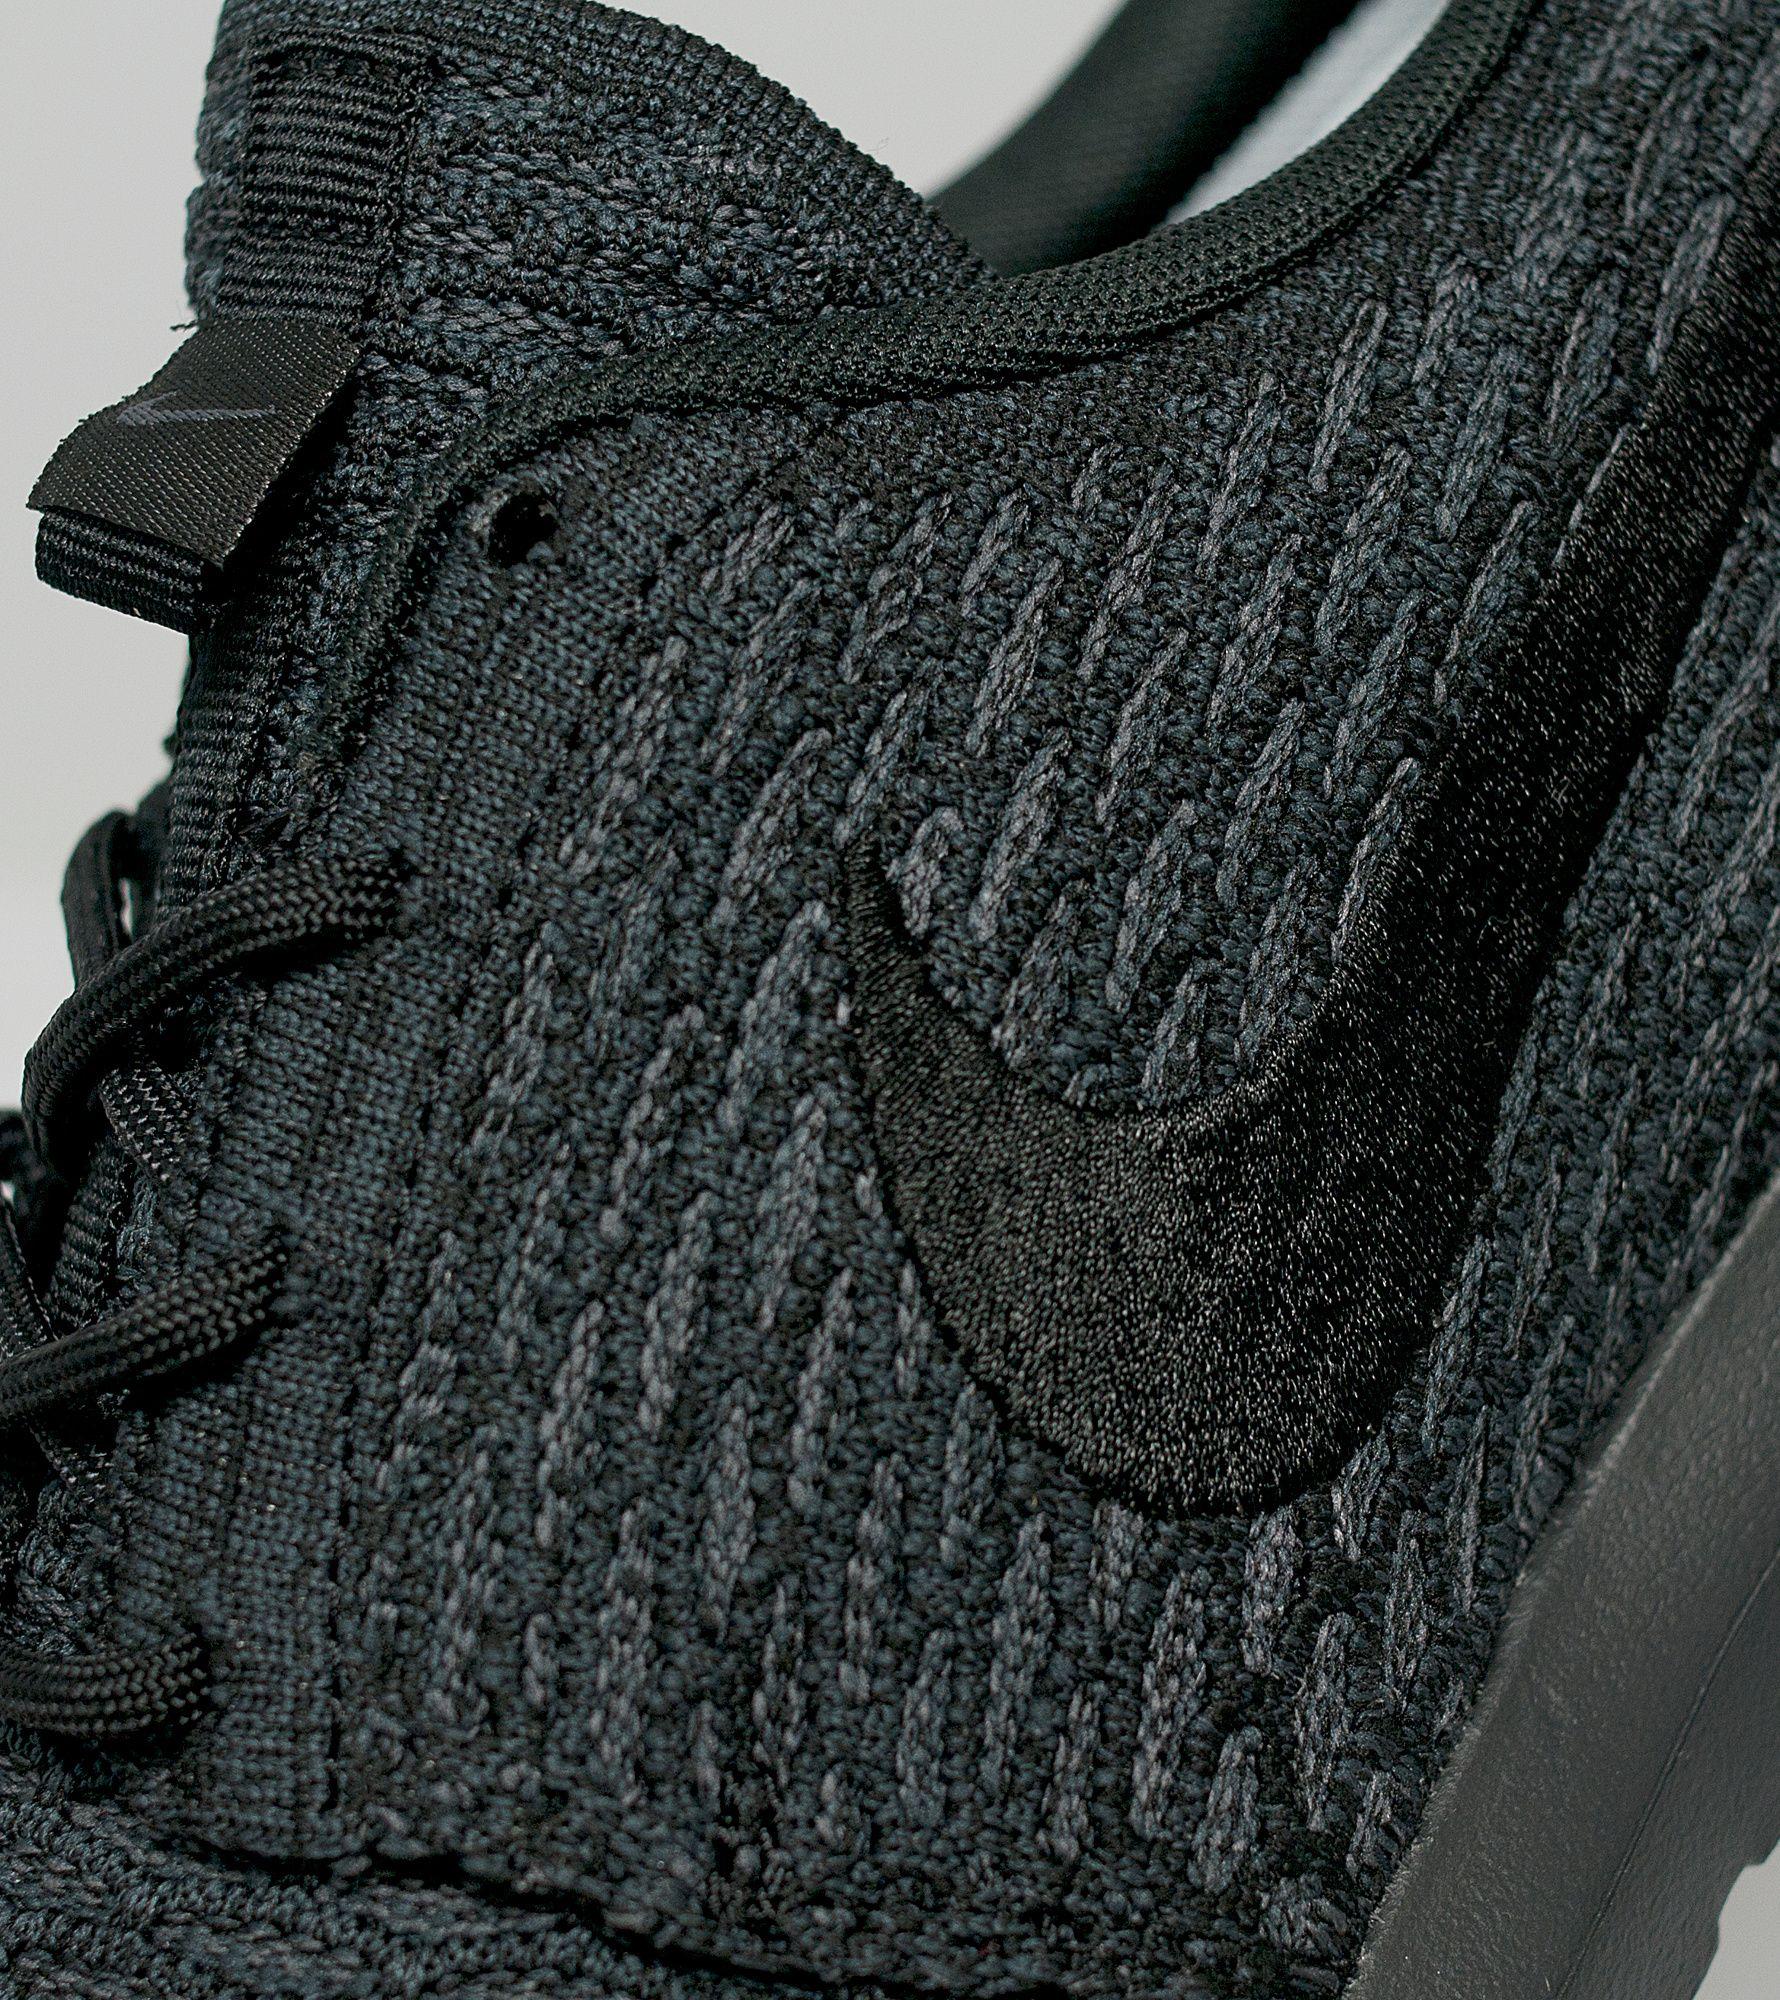 imuug Nike Roshe One Flyknit | Size?